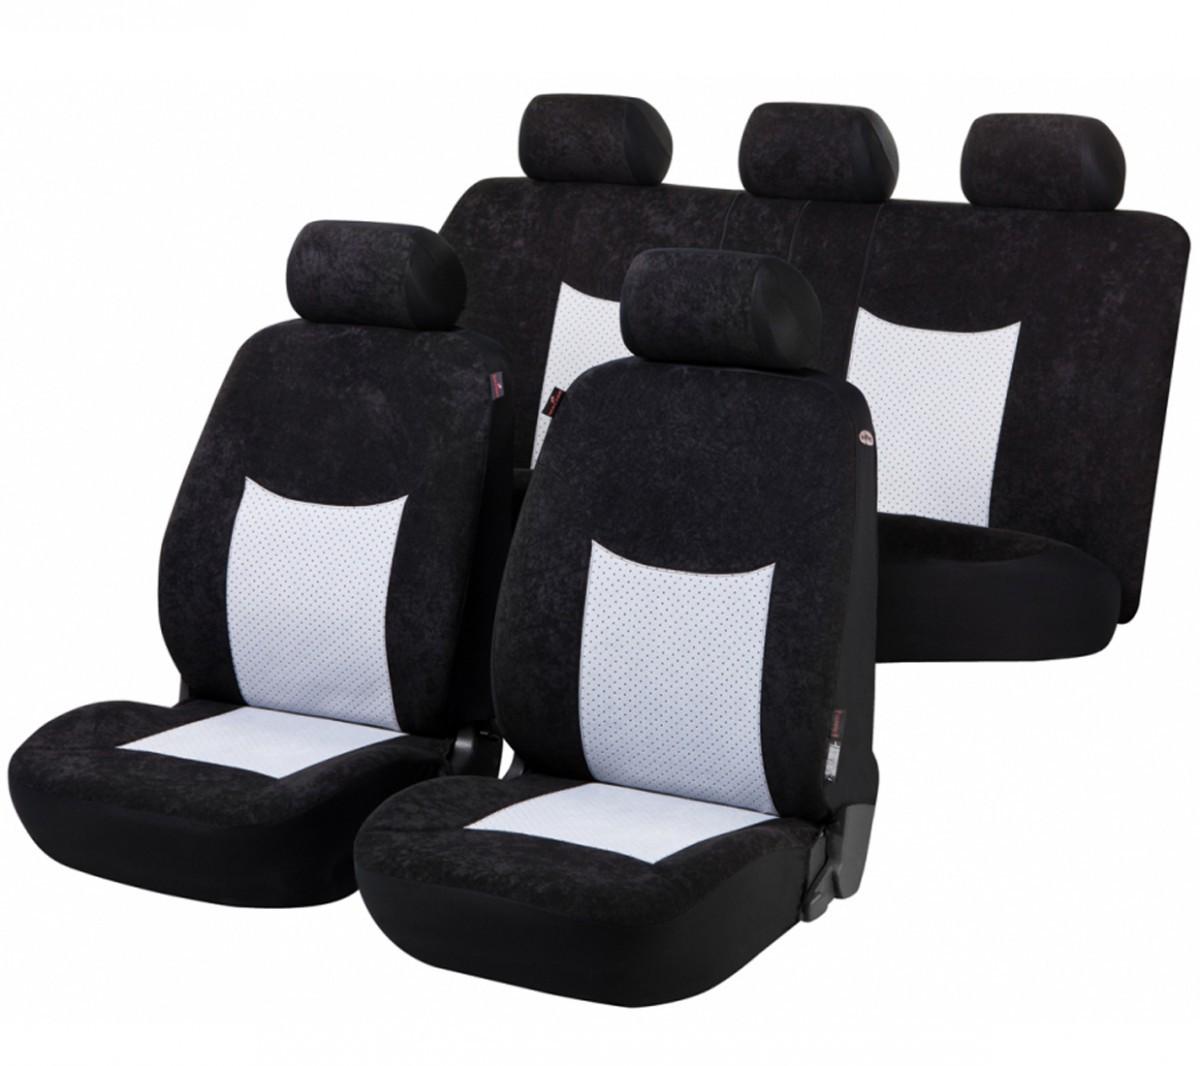 Schwarze Sitzbezüge für VOLVO S60 Autositzbezug Komplett